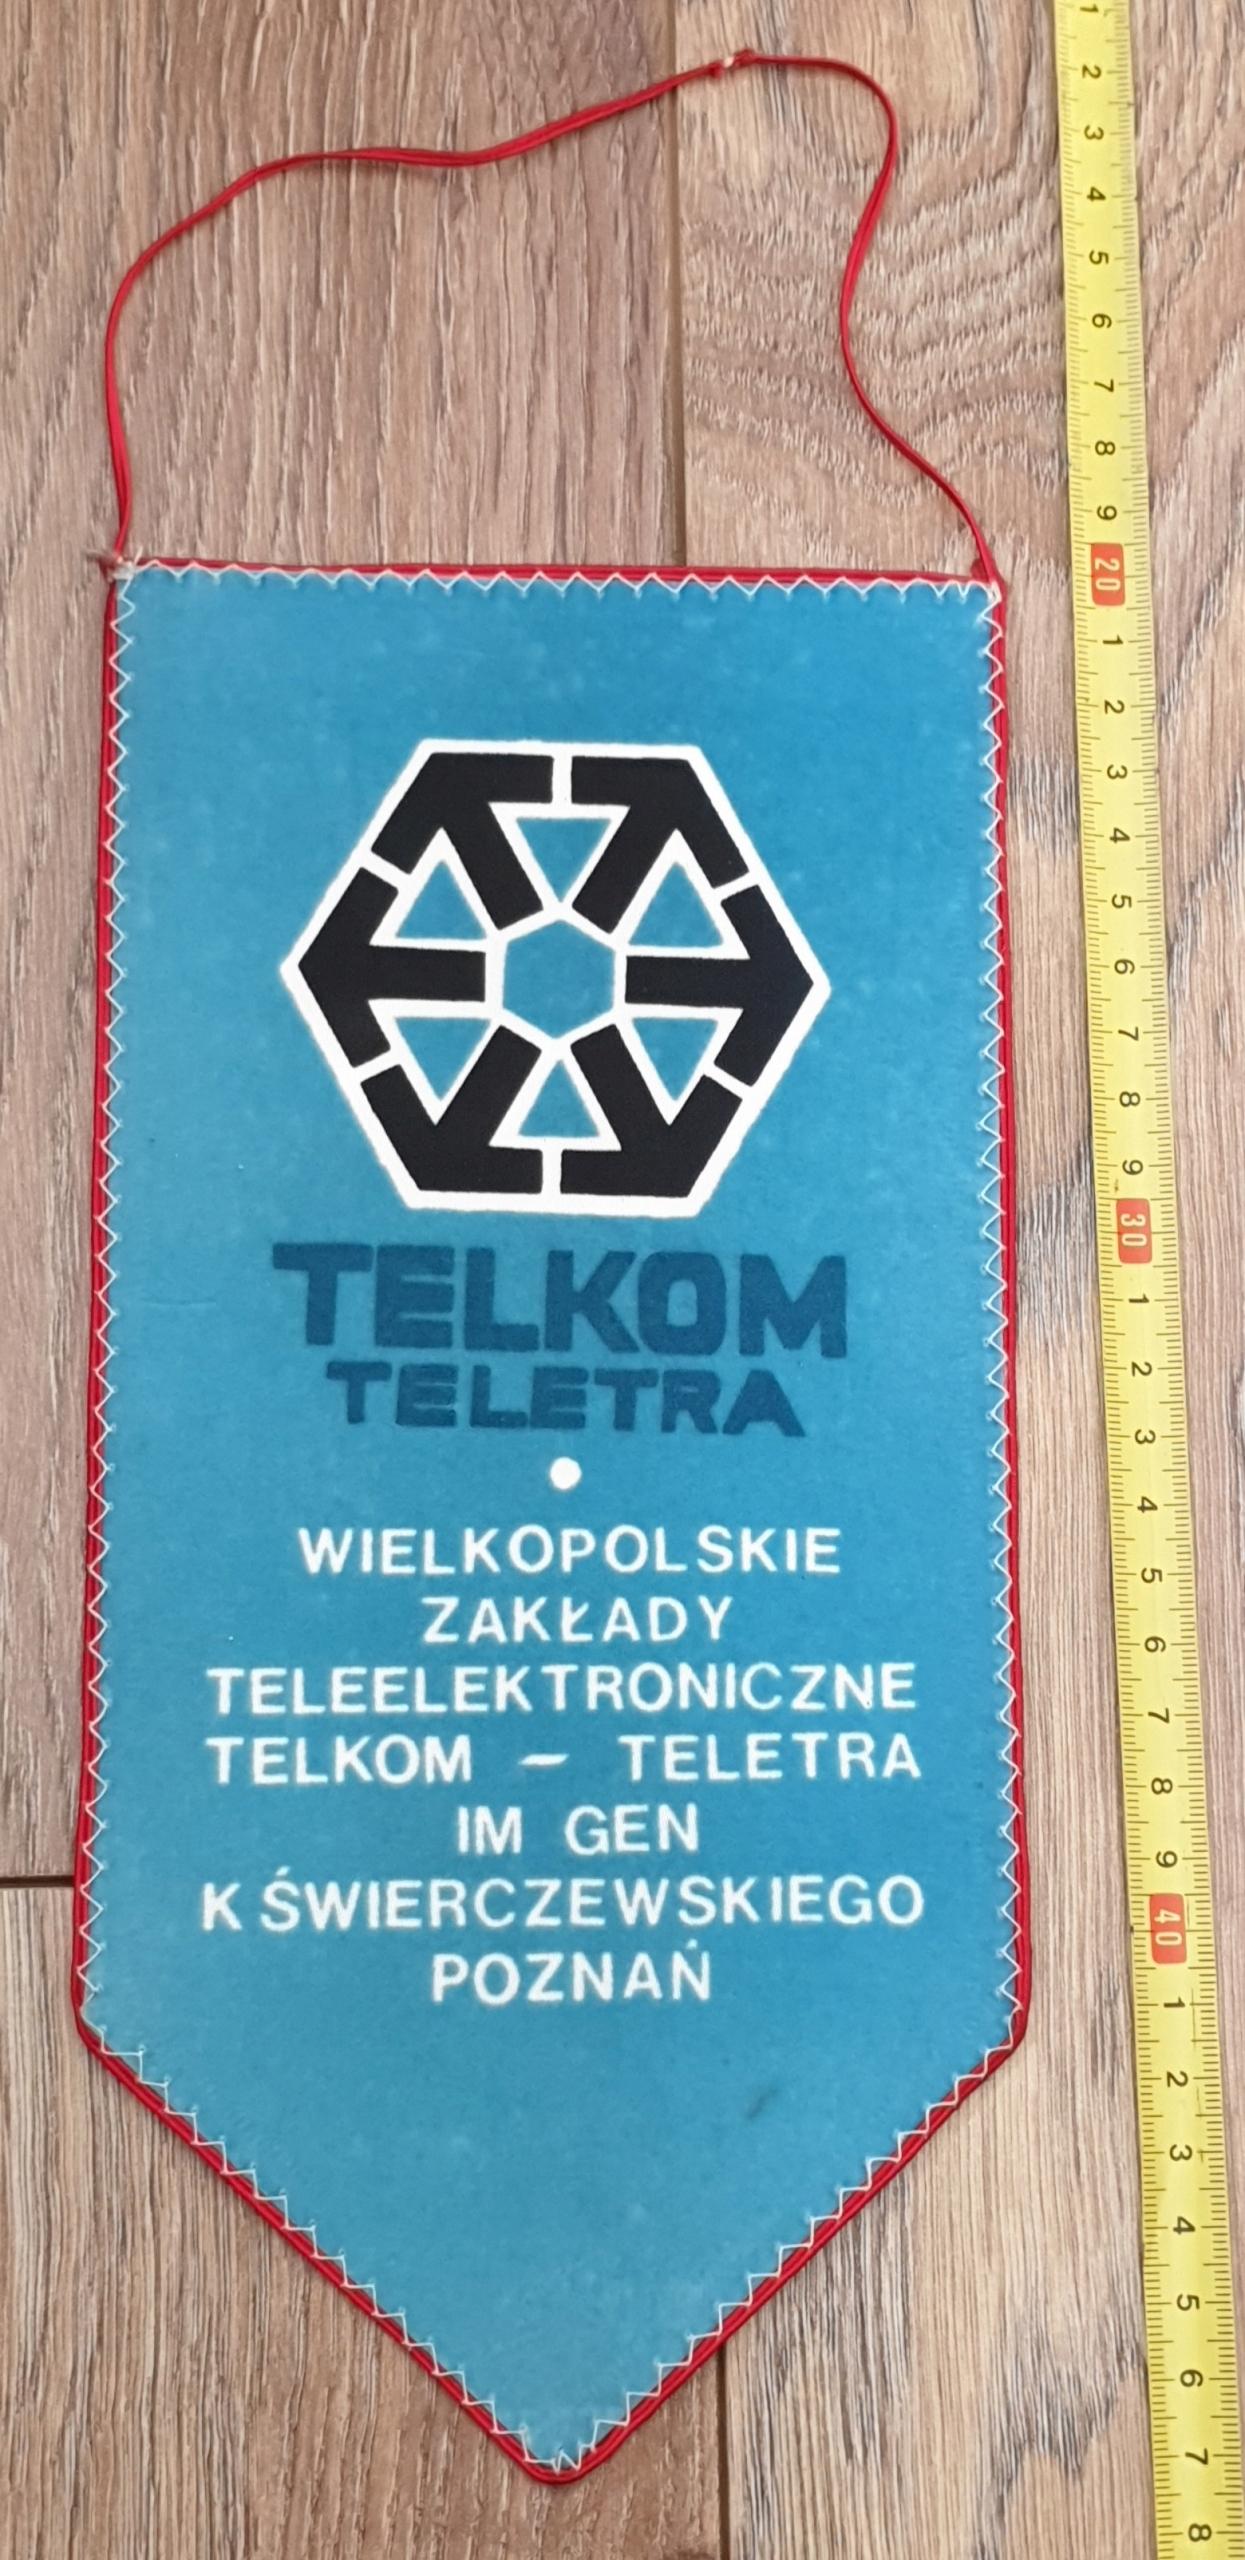 PROPORCZYK TELKOM-TELETRA POZNA ZLOT WALTEROWCOW